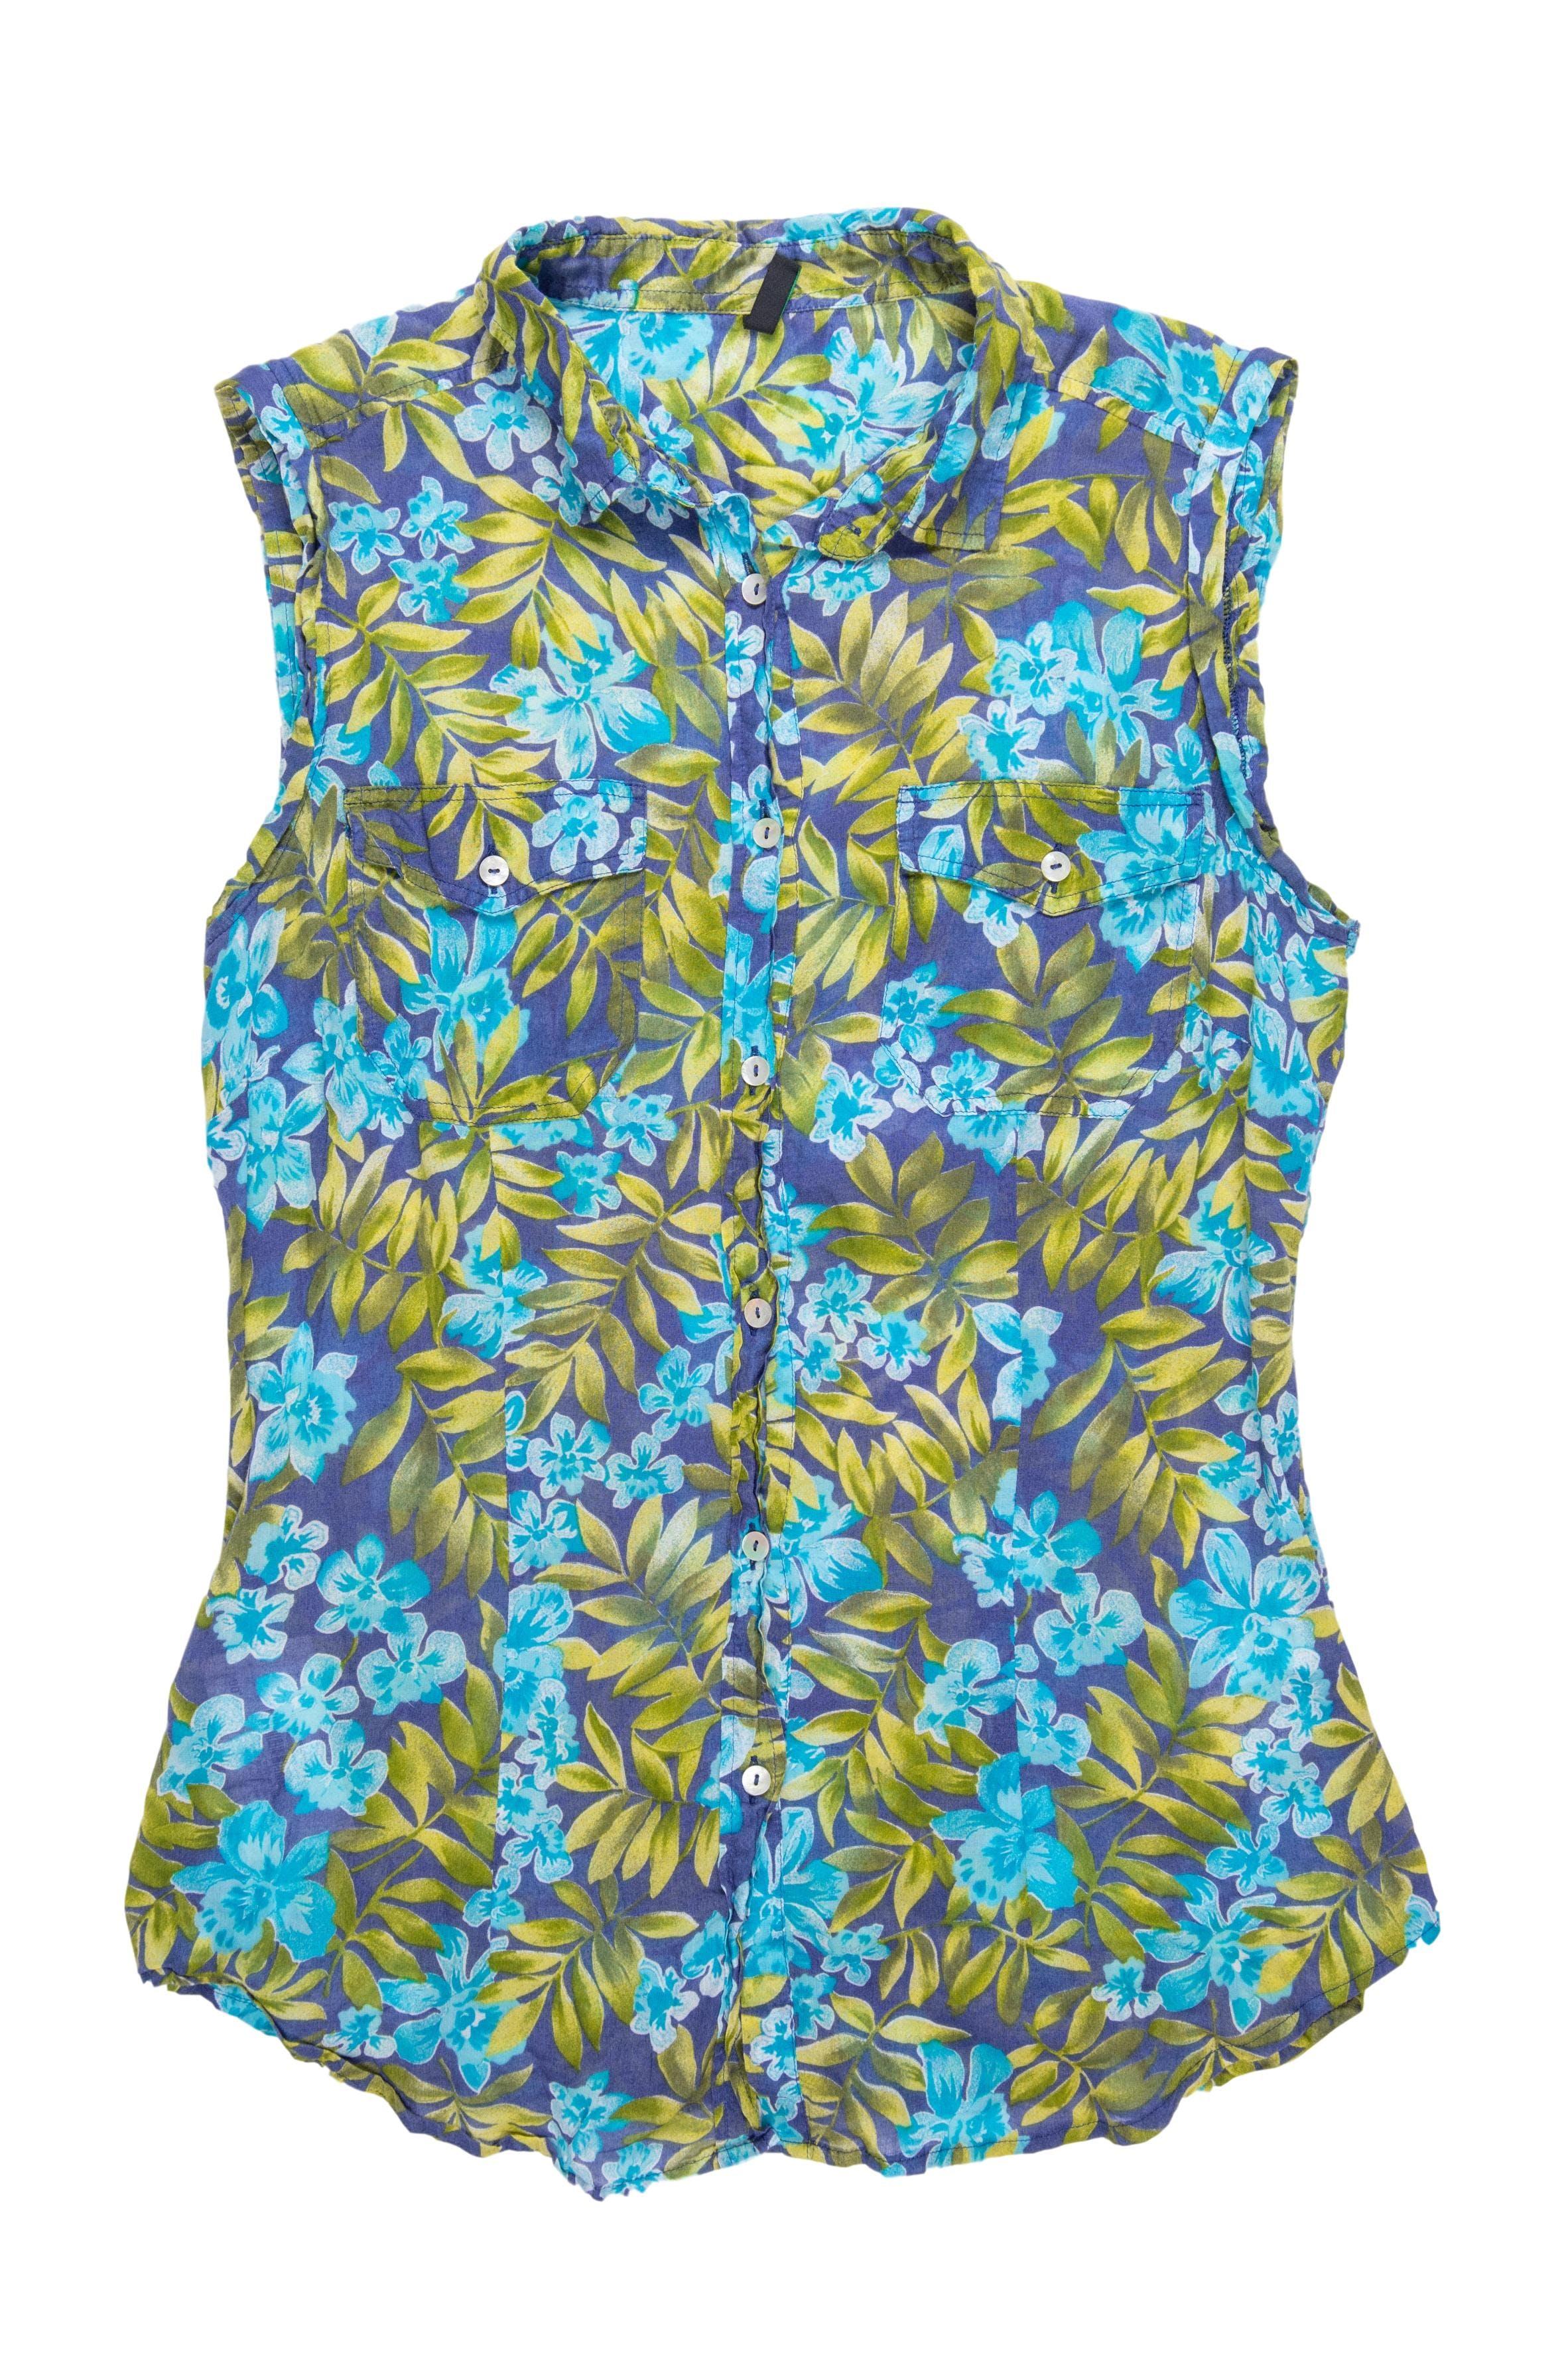 Blusa Benetton 100% algodón, azul con estampado de hojas y flores, pinzas, cuello camisero, botones nacarados y bolsillos en el pecho. Busto 90cm